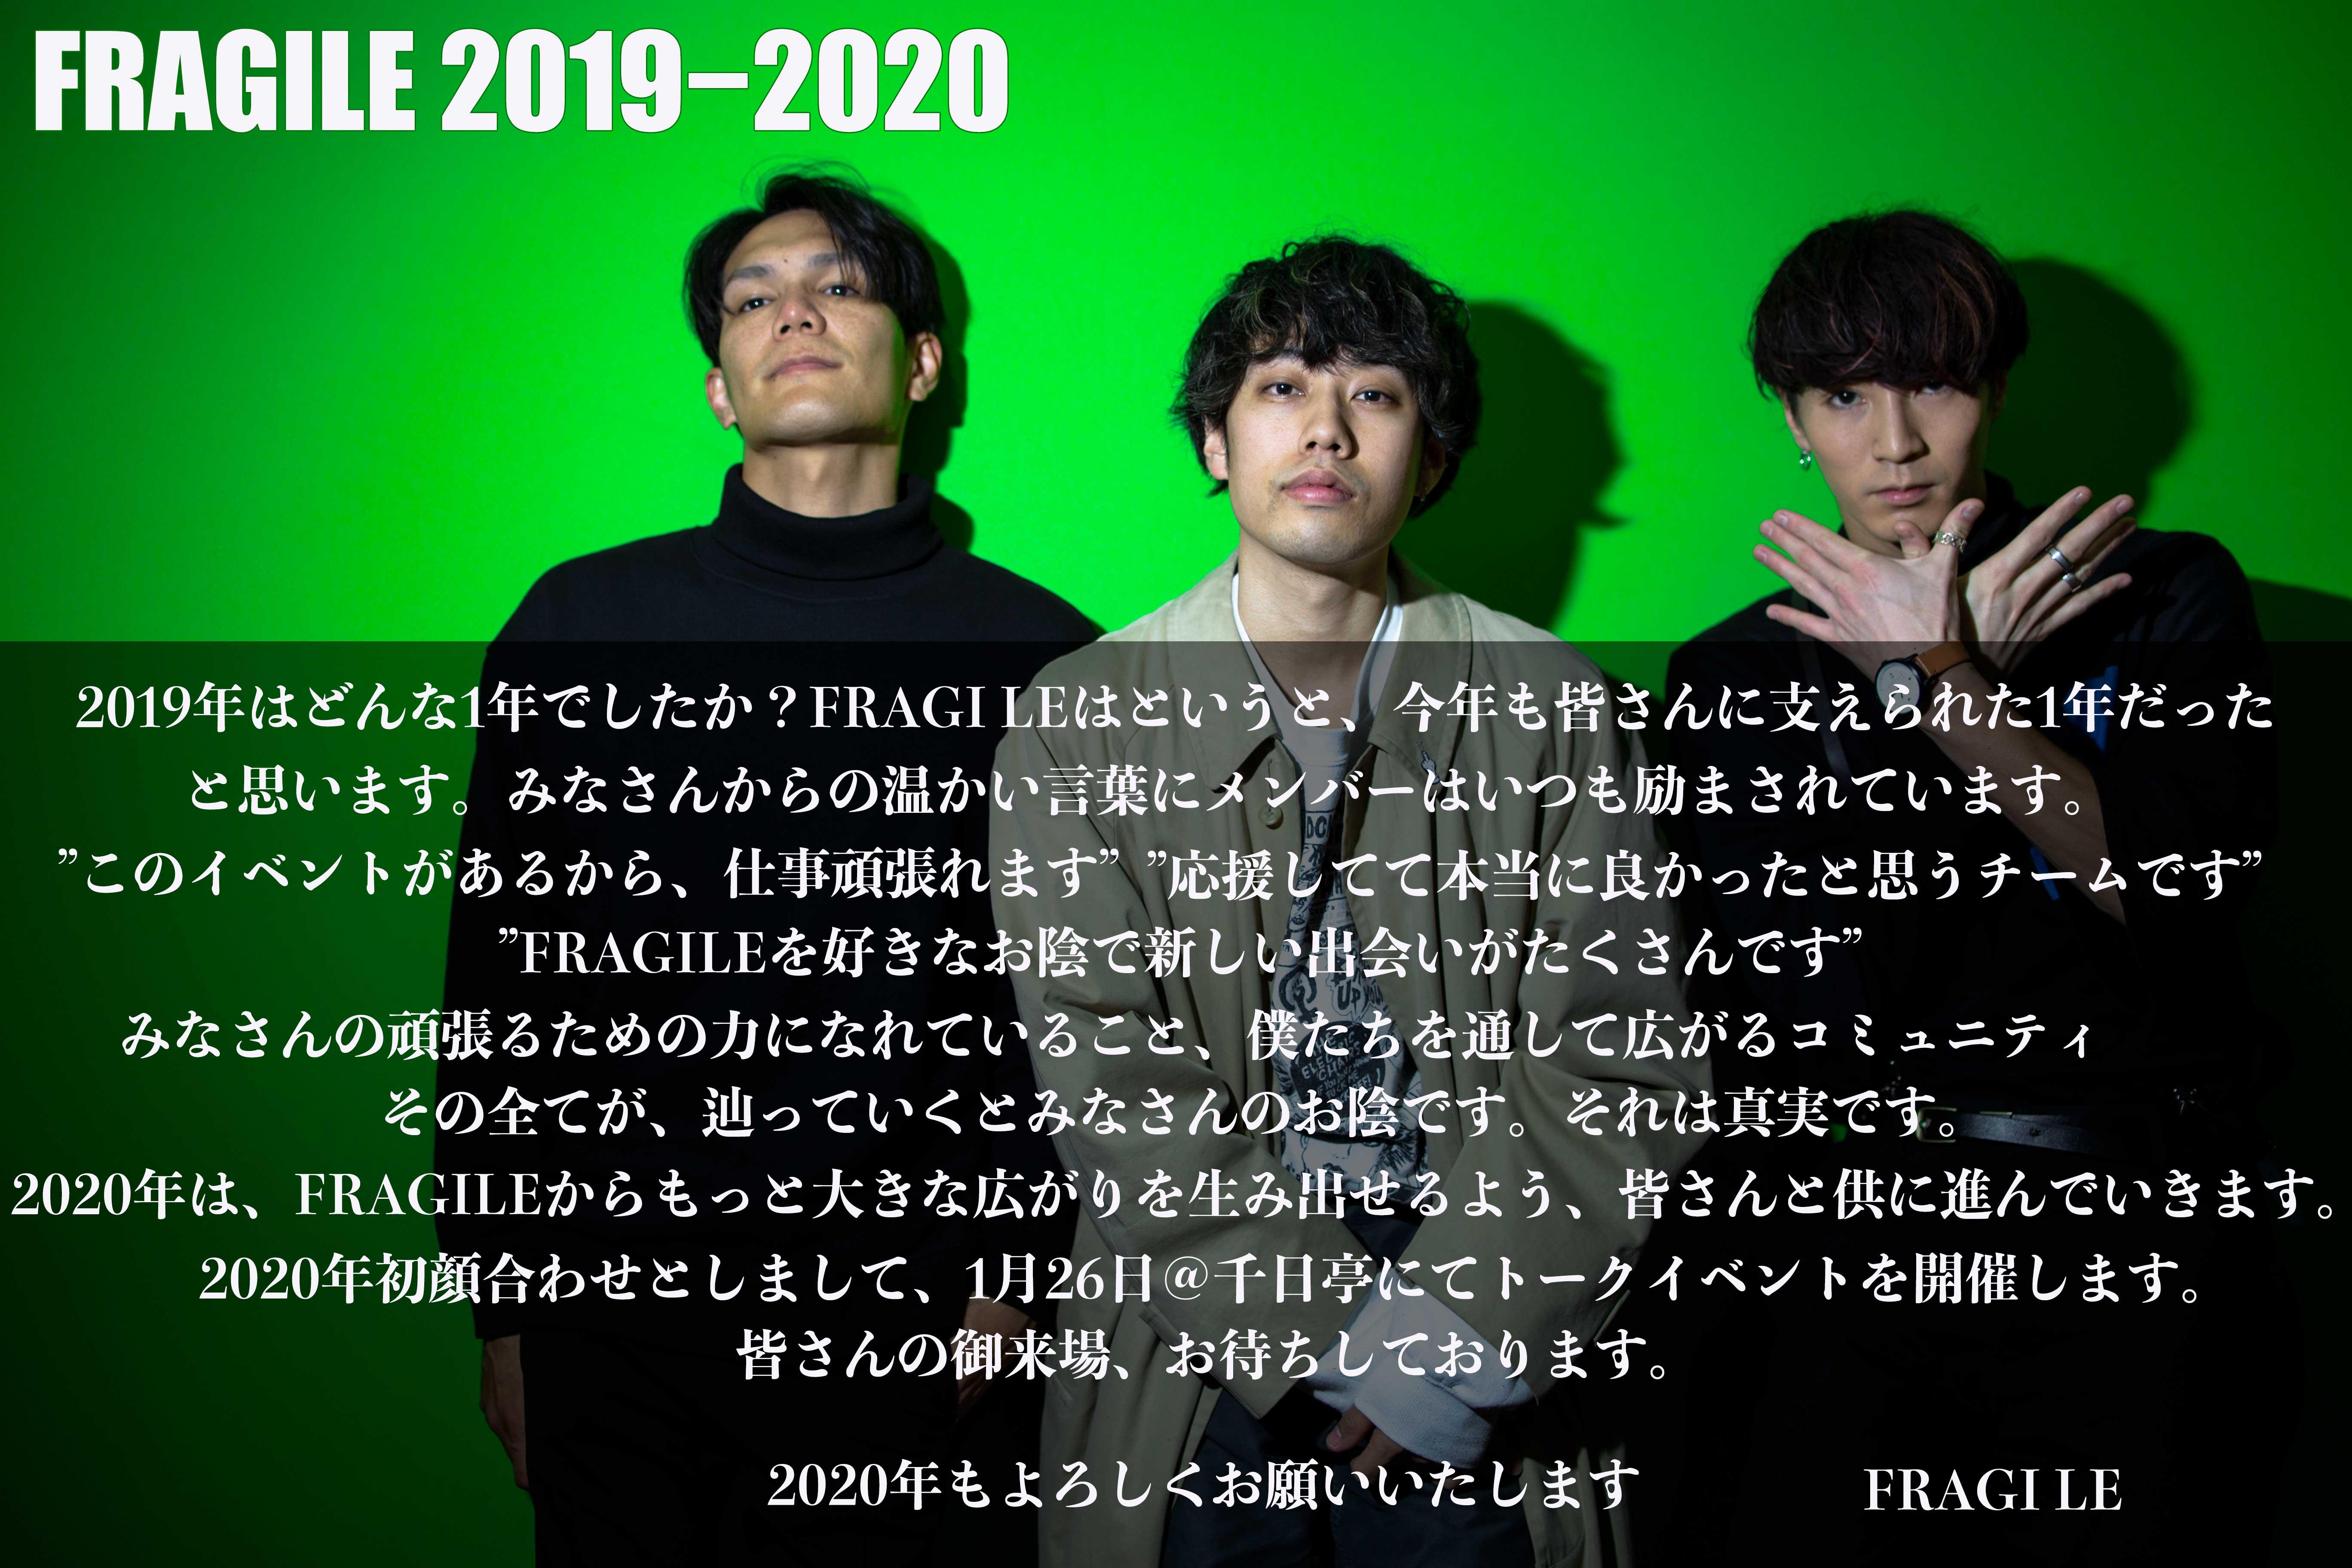 FRAGILE2019-2020 トークイベント